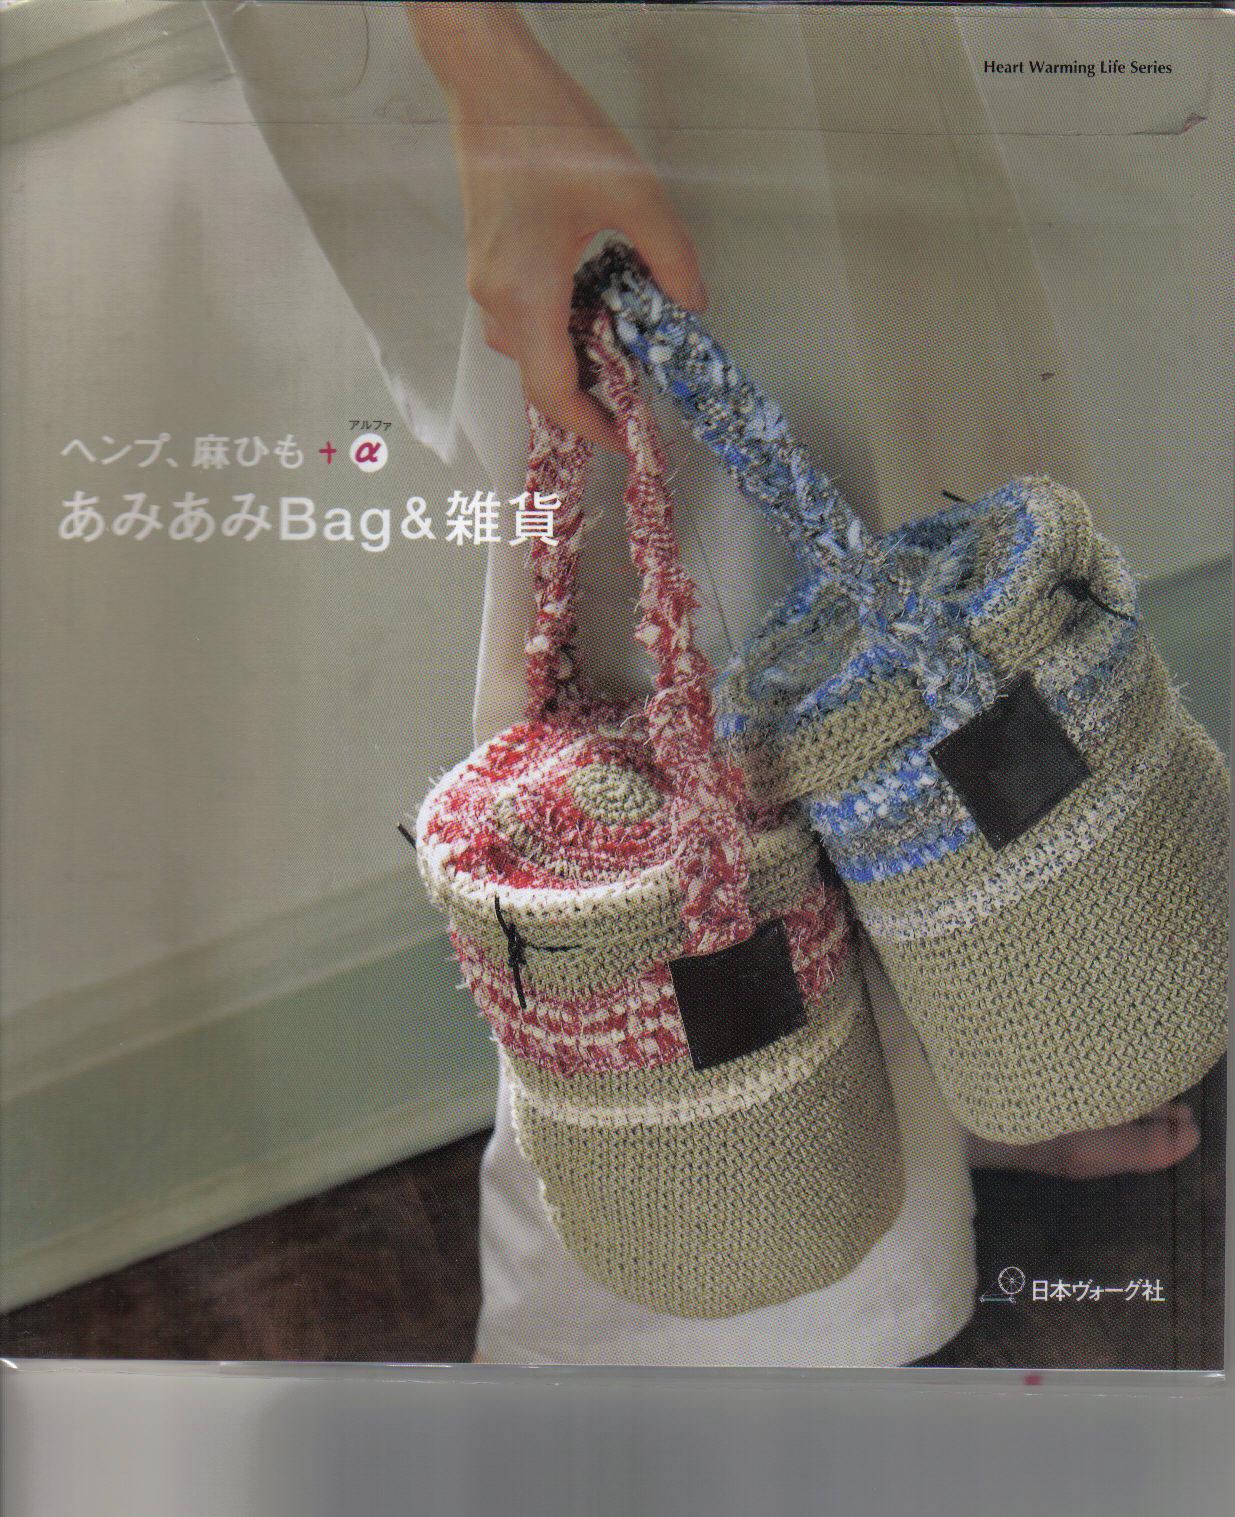 Revista japonesa gorros bolsos y decoraci n para el hogar revistas tejidos y manualidades - Manualidades para el hogar faciles y economicas ...